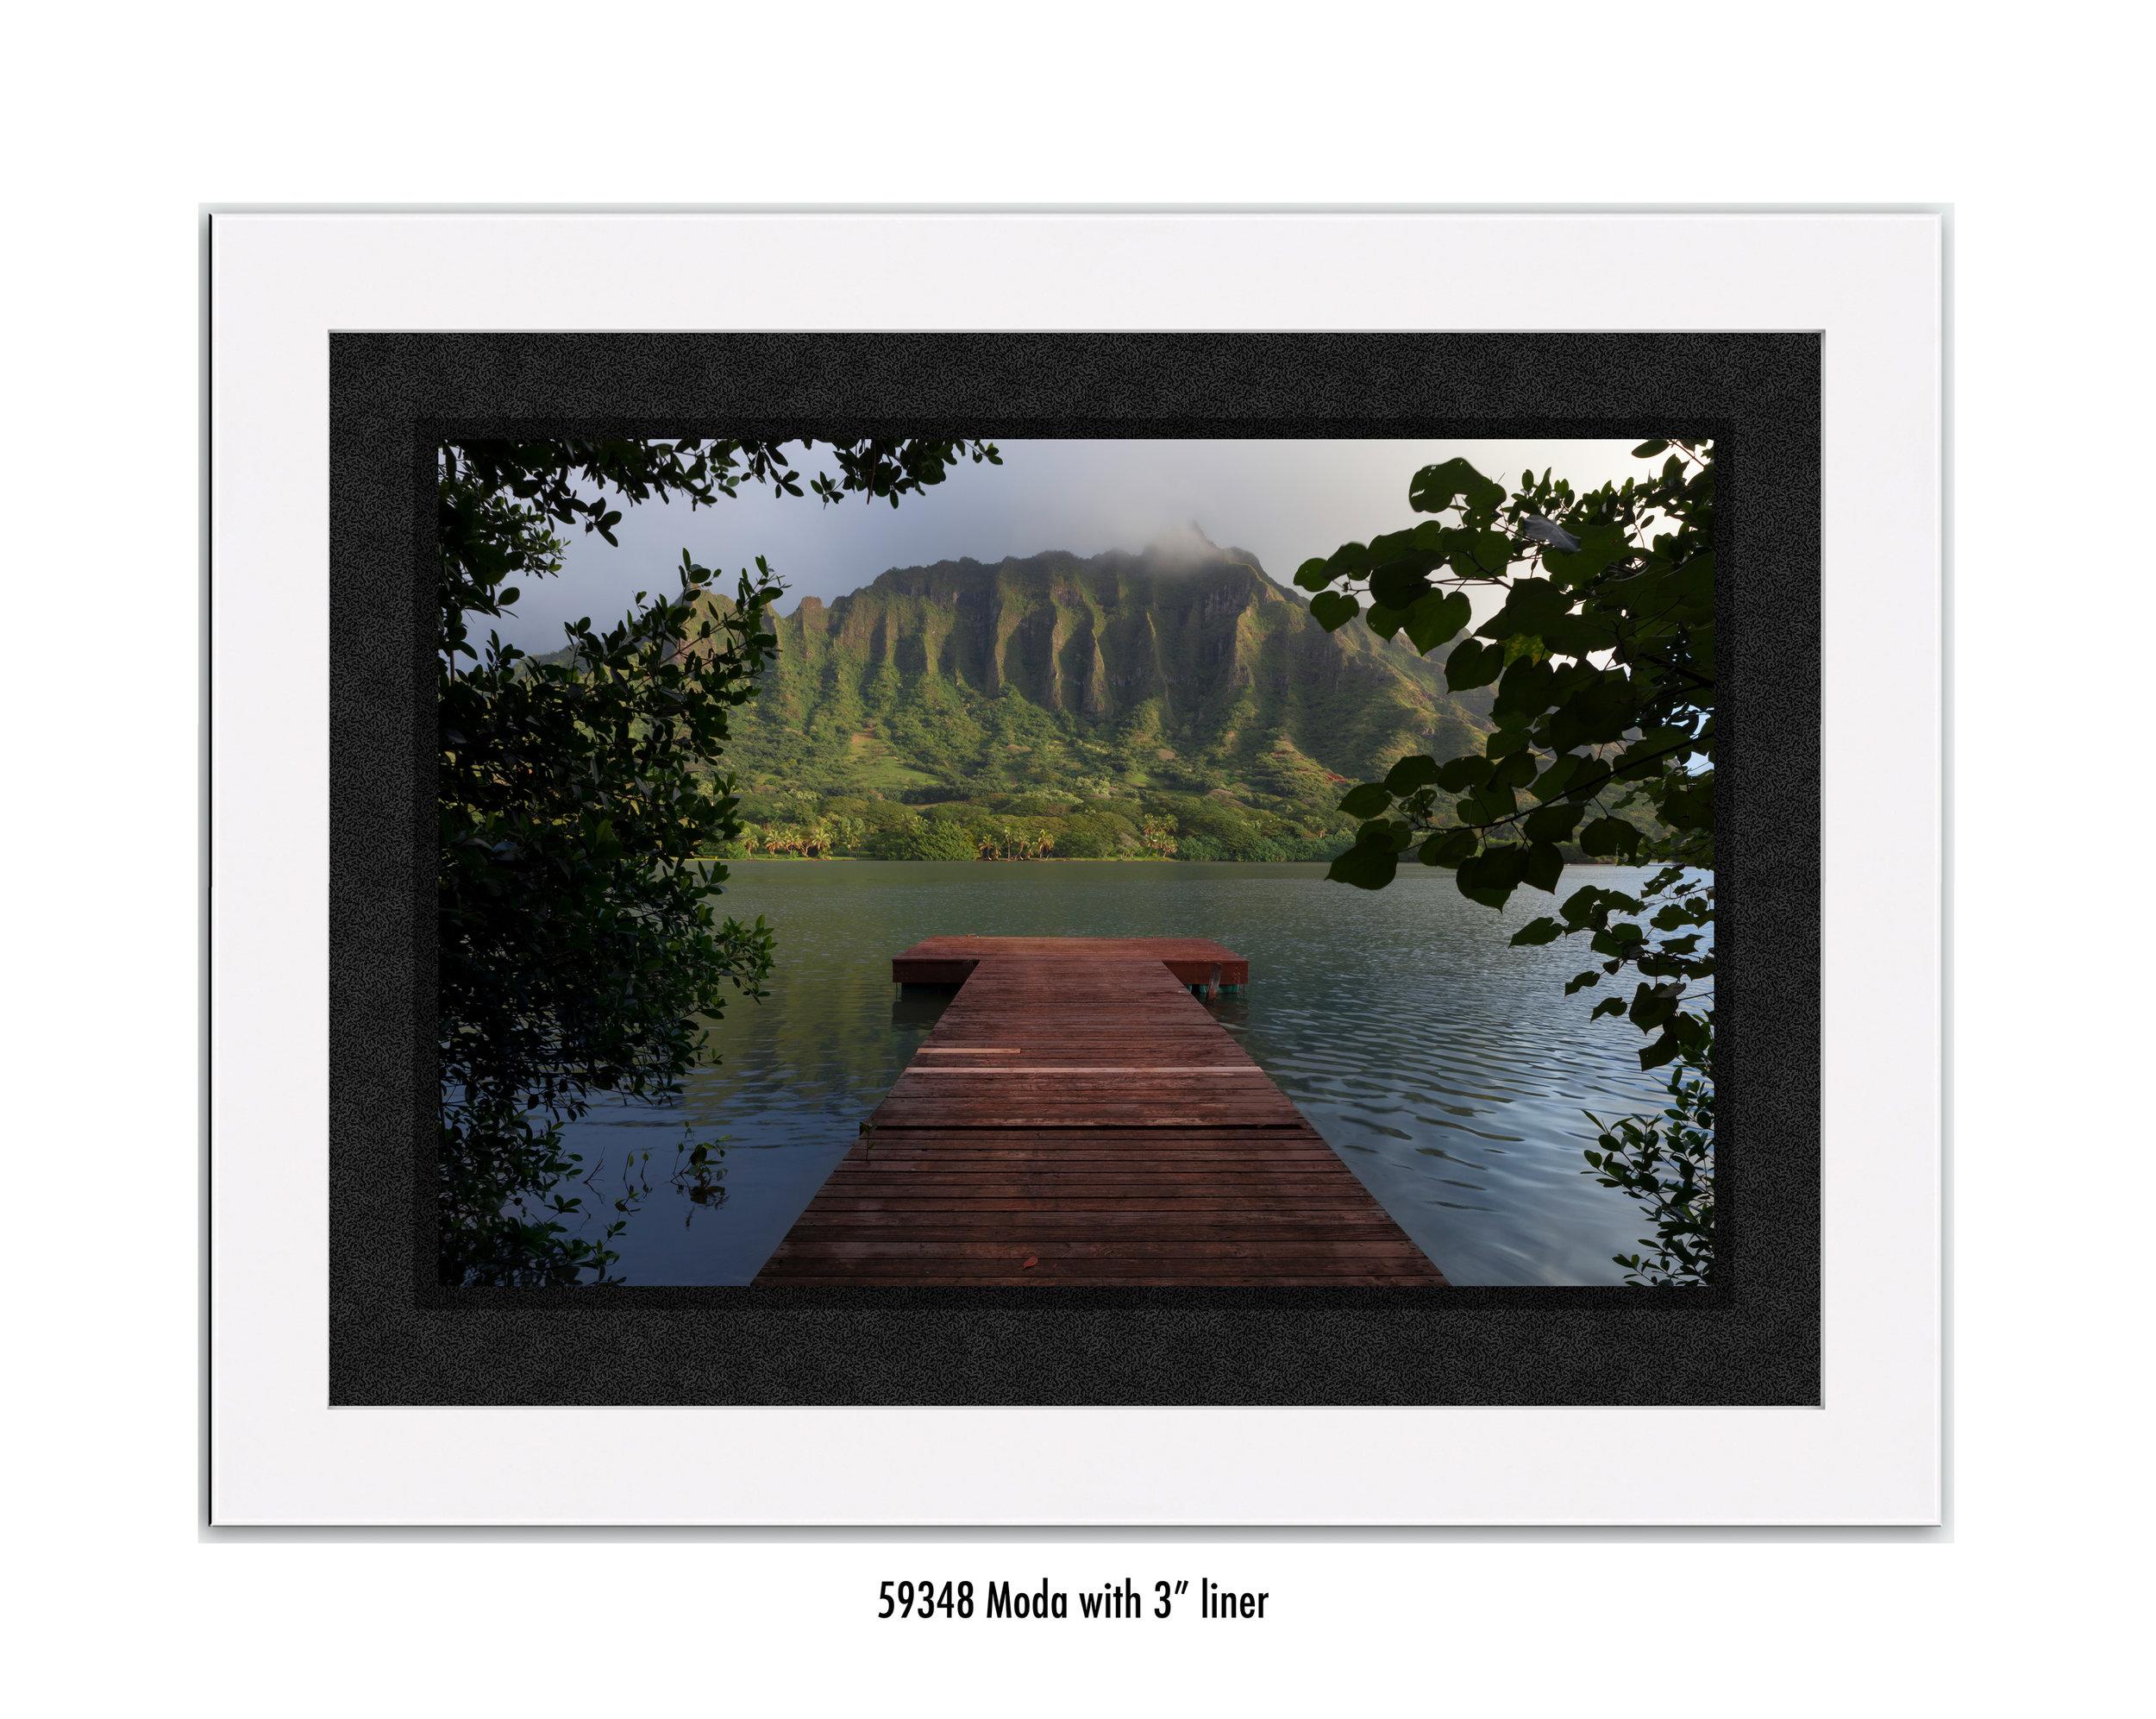 KoOlau-Dock-59348-3-blk.jpg